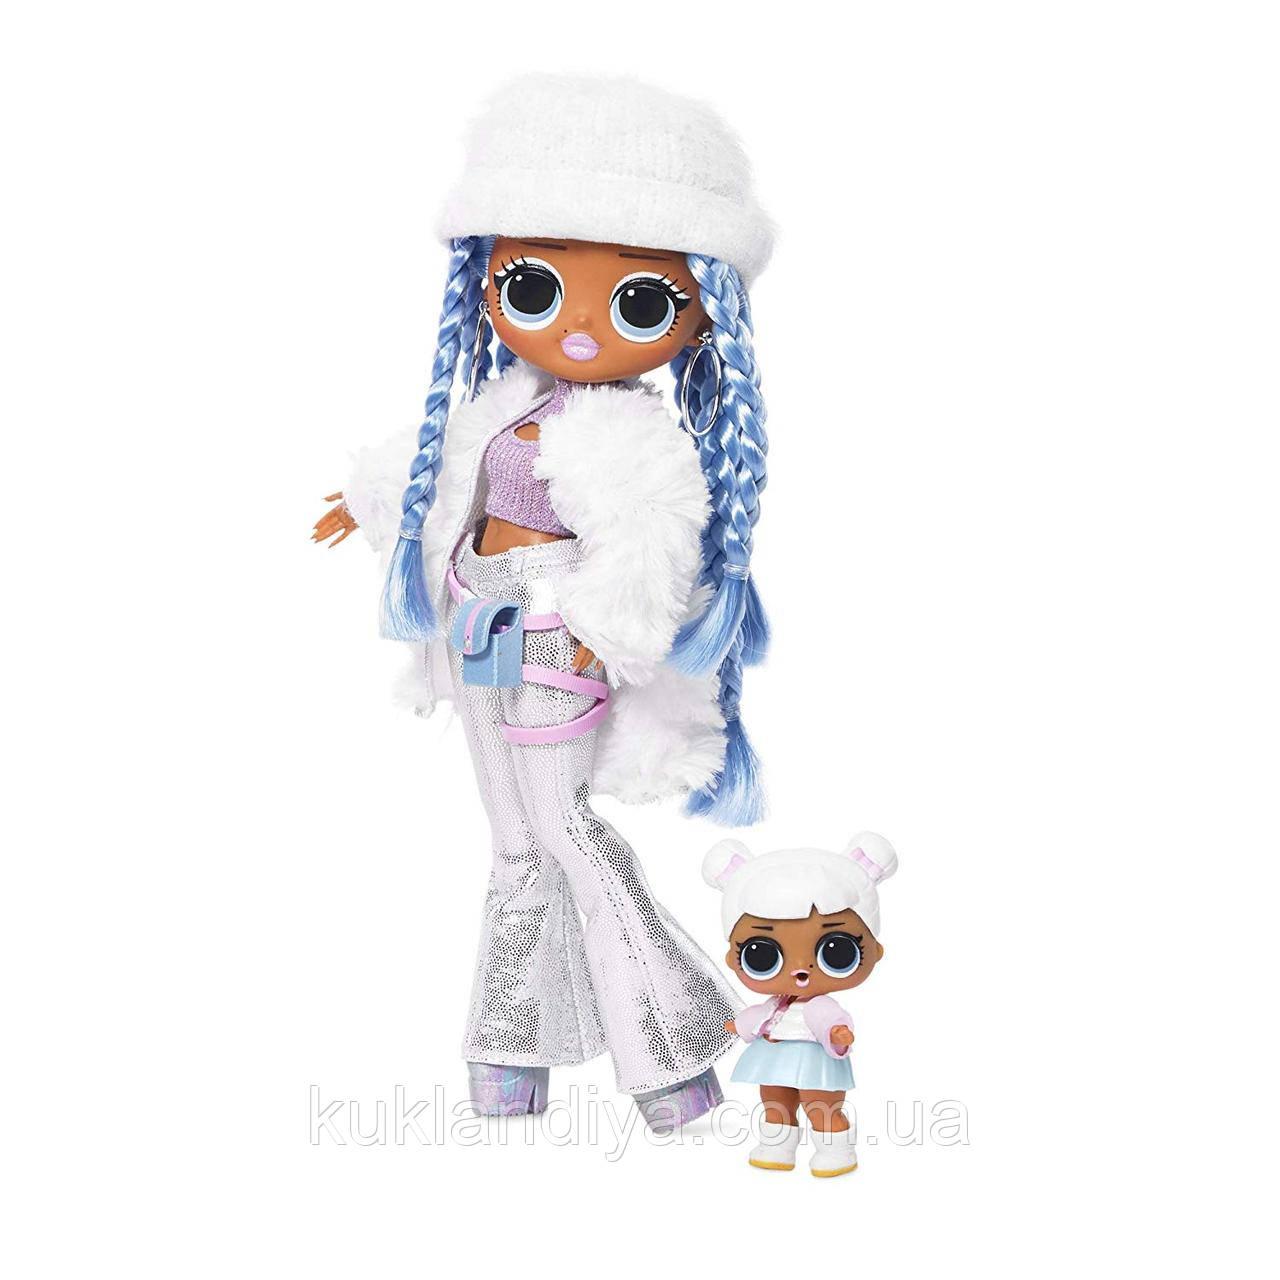 LOL Surprise OMG Зимнее Диско Кукла Snowlicious и сестра